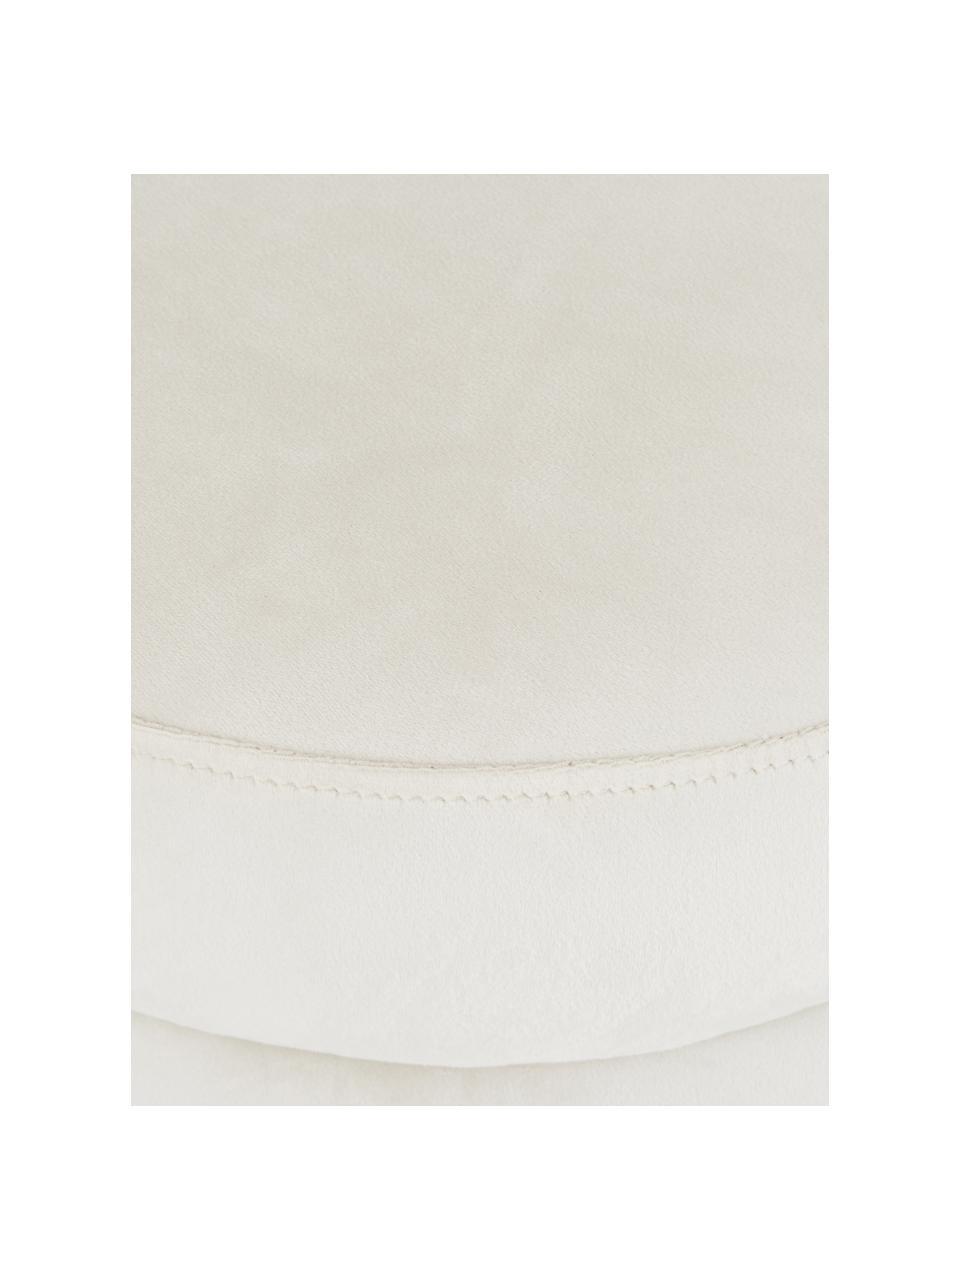 Fluwelen poef Alto, Bekleding: fluweel (polyester) De be, Frame: massief grenenhout, multi, Crèmewit, Ø 42 x H 48 cm